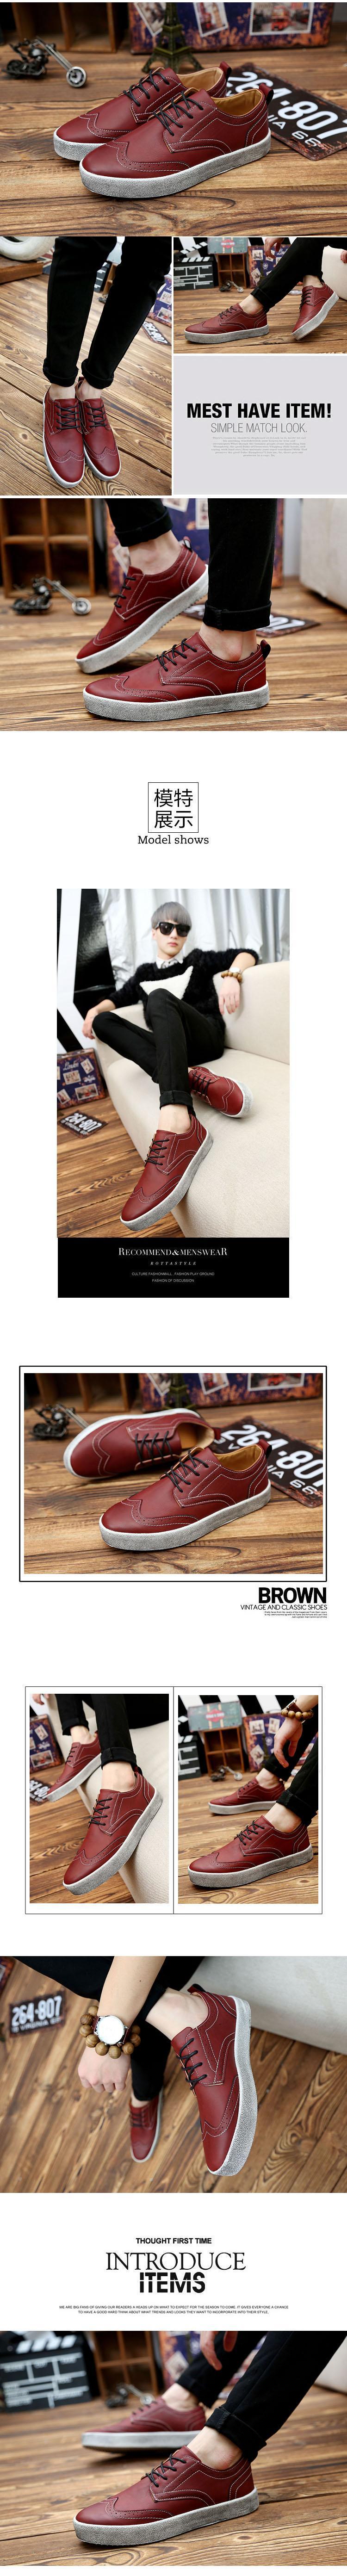 Jintoho увеличение высоты платформы лифт мужской обуви мода мужские кожаные мокасины обувь sapatos masculino